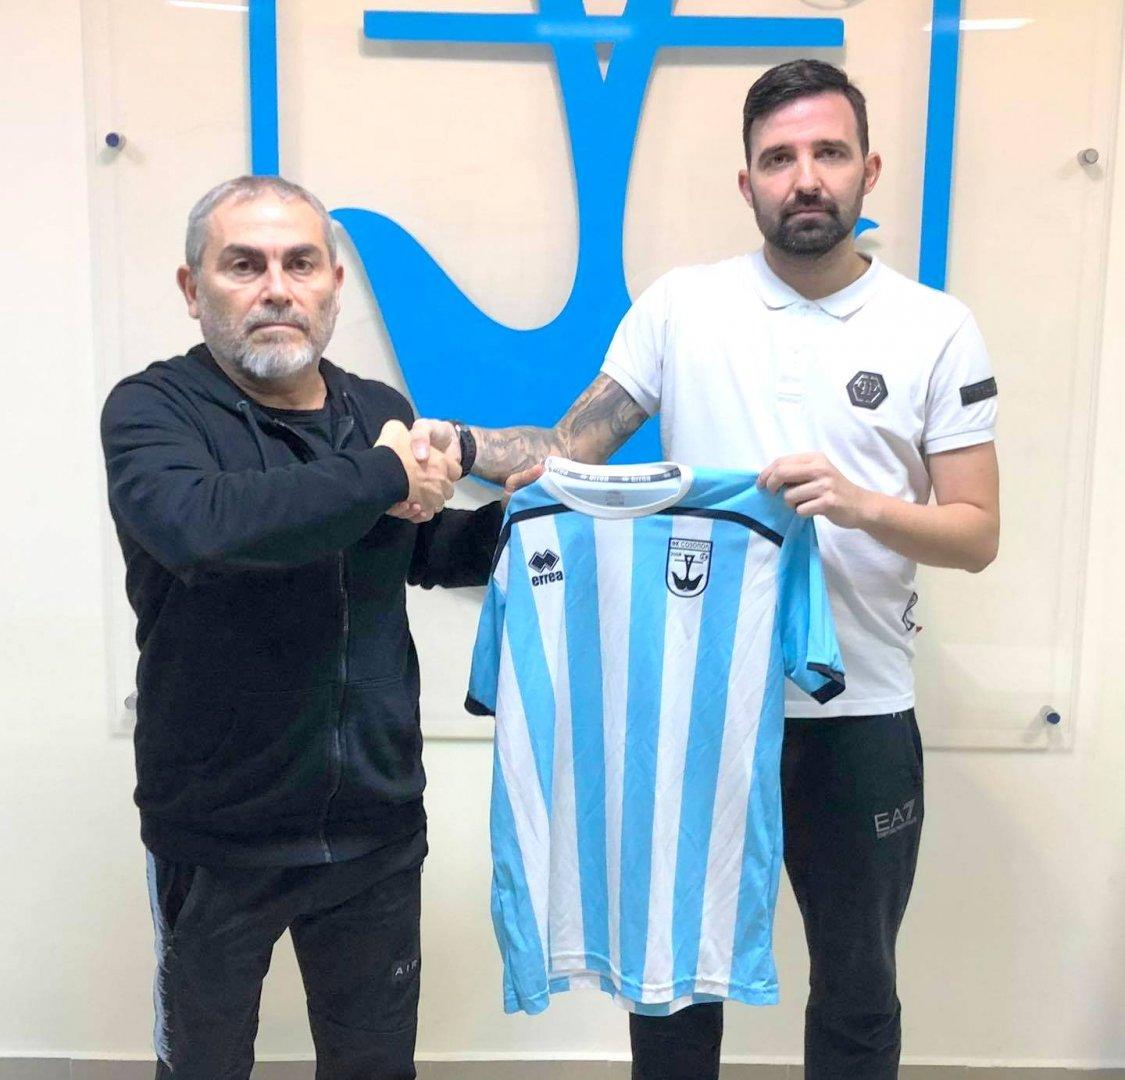 Галин Димов (вдясно) ще играе за тима на небесносините. Снимка ОФК Созопол